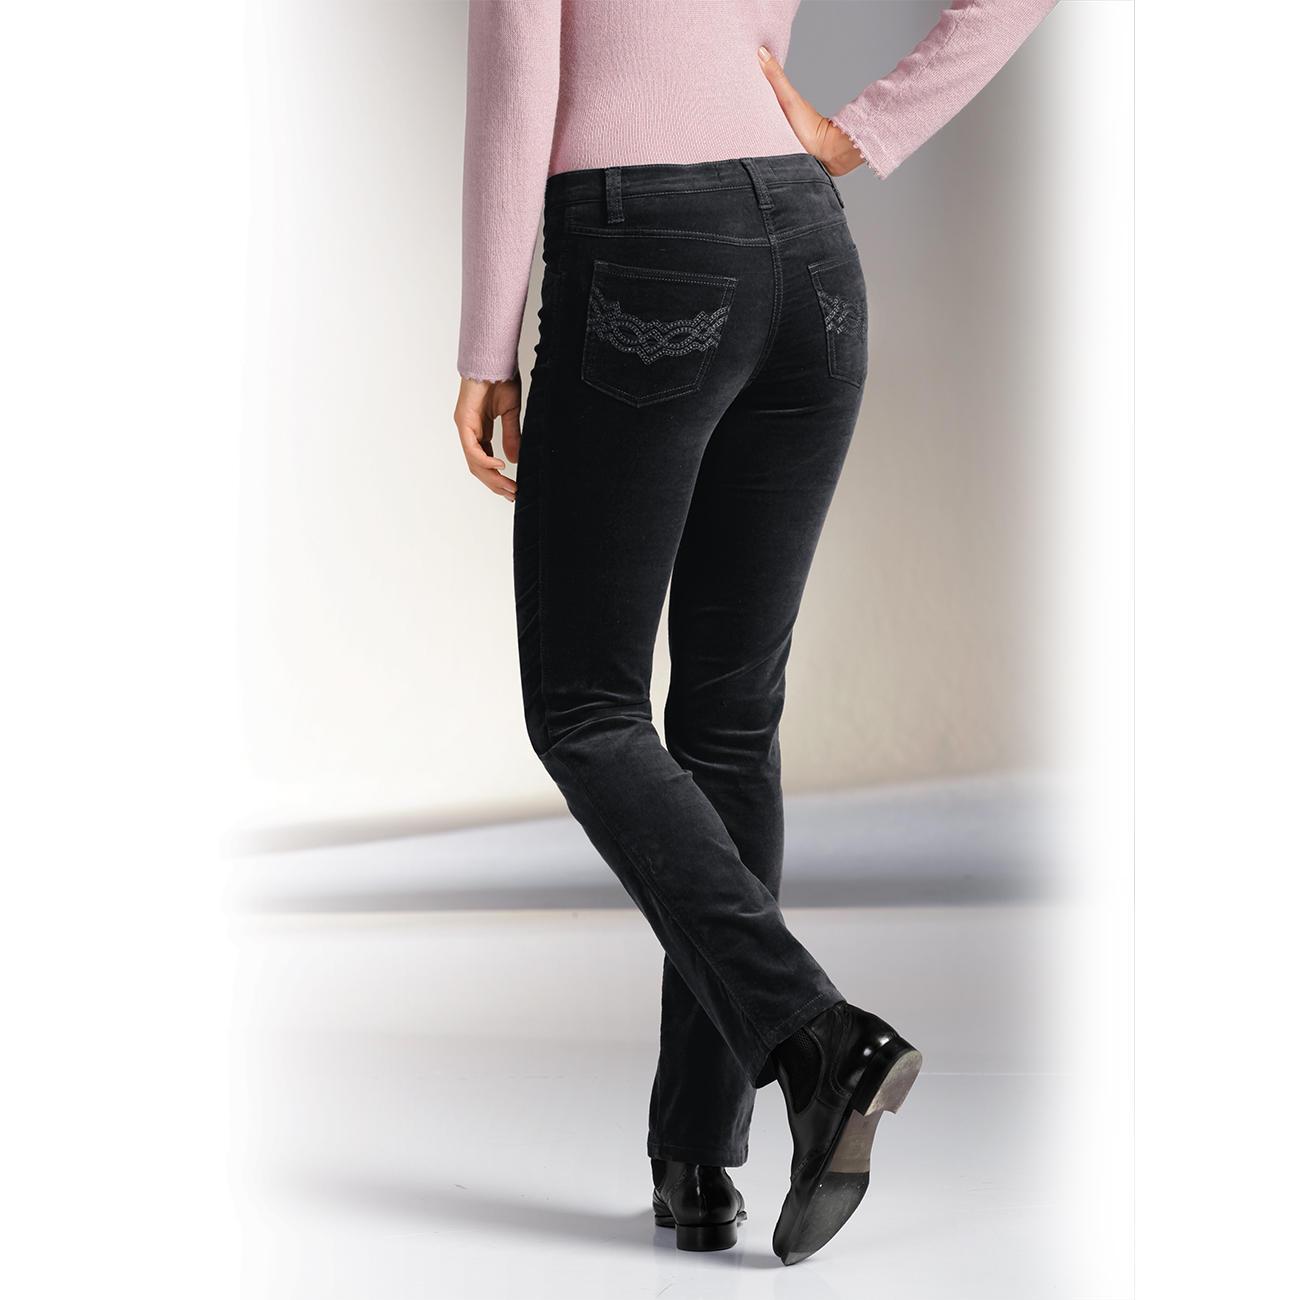 magic samt jeans mode klassiker entdecken. Black Bedroom Furniture Sets. Home Design Ideas